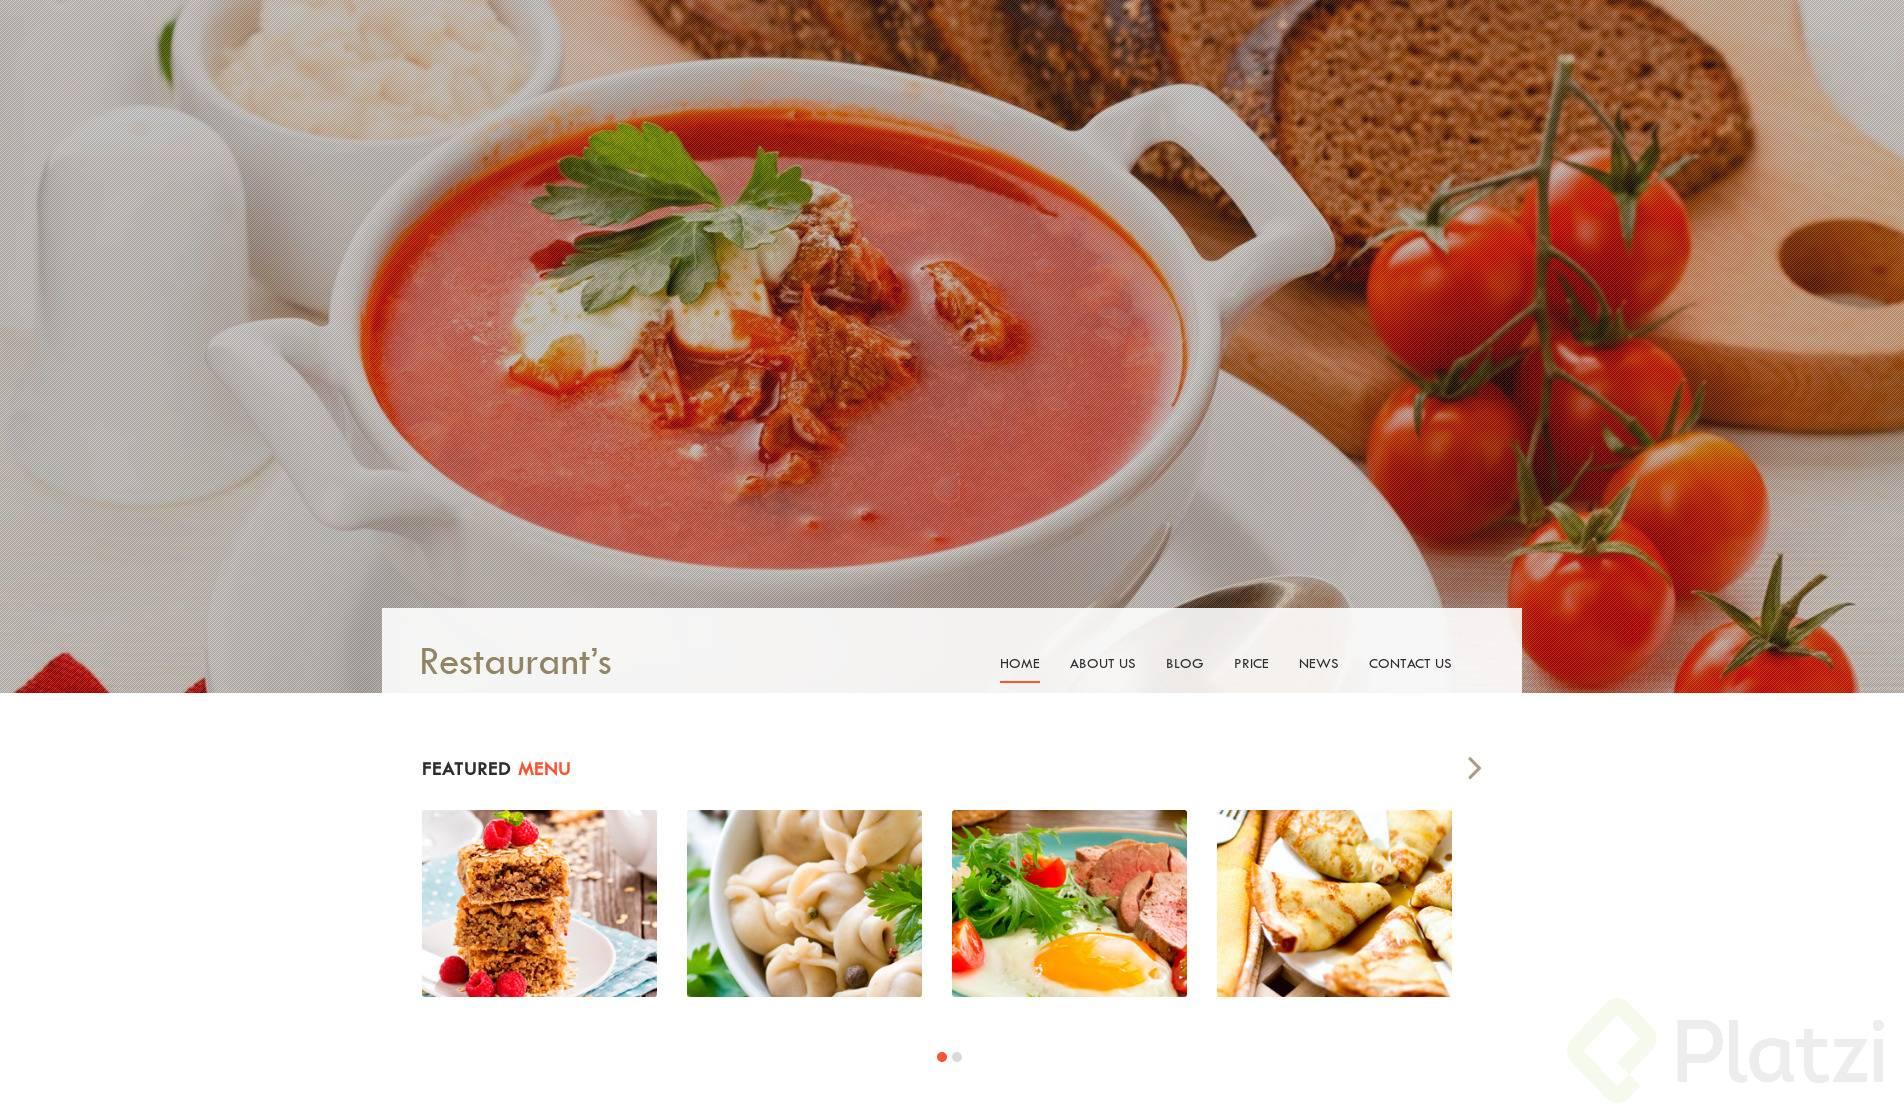 Screenshot-2019-4-29 Restaurant Theme By Themefisher.jpg